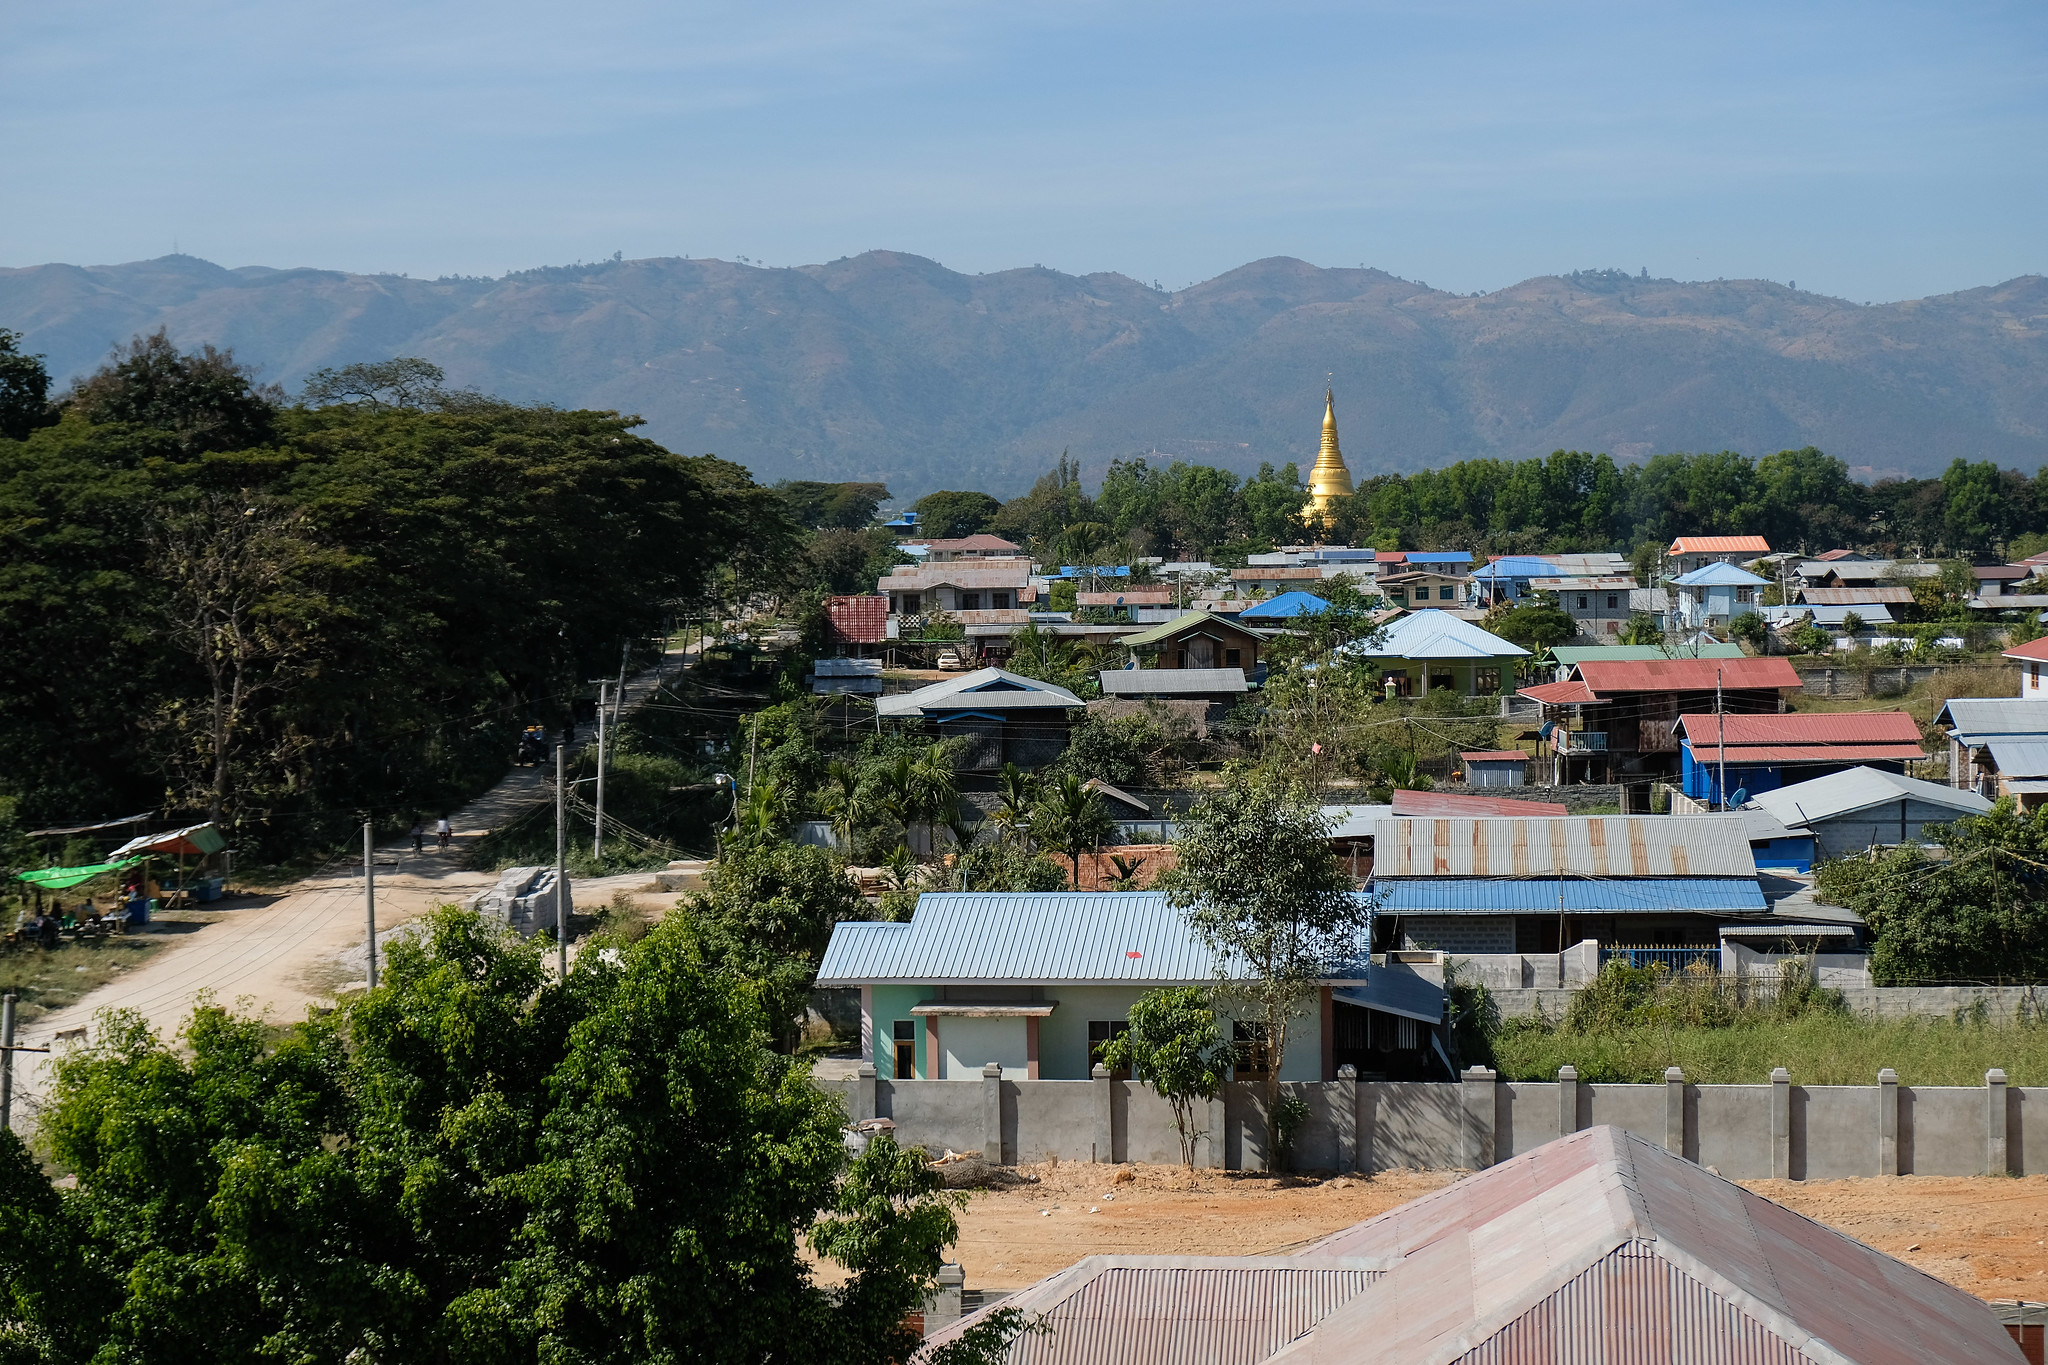 Myanmar #5, Nyaung Shwe